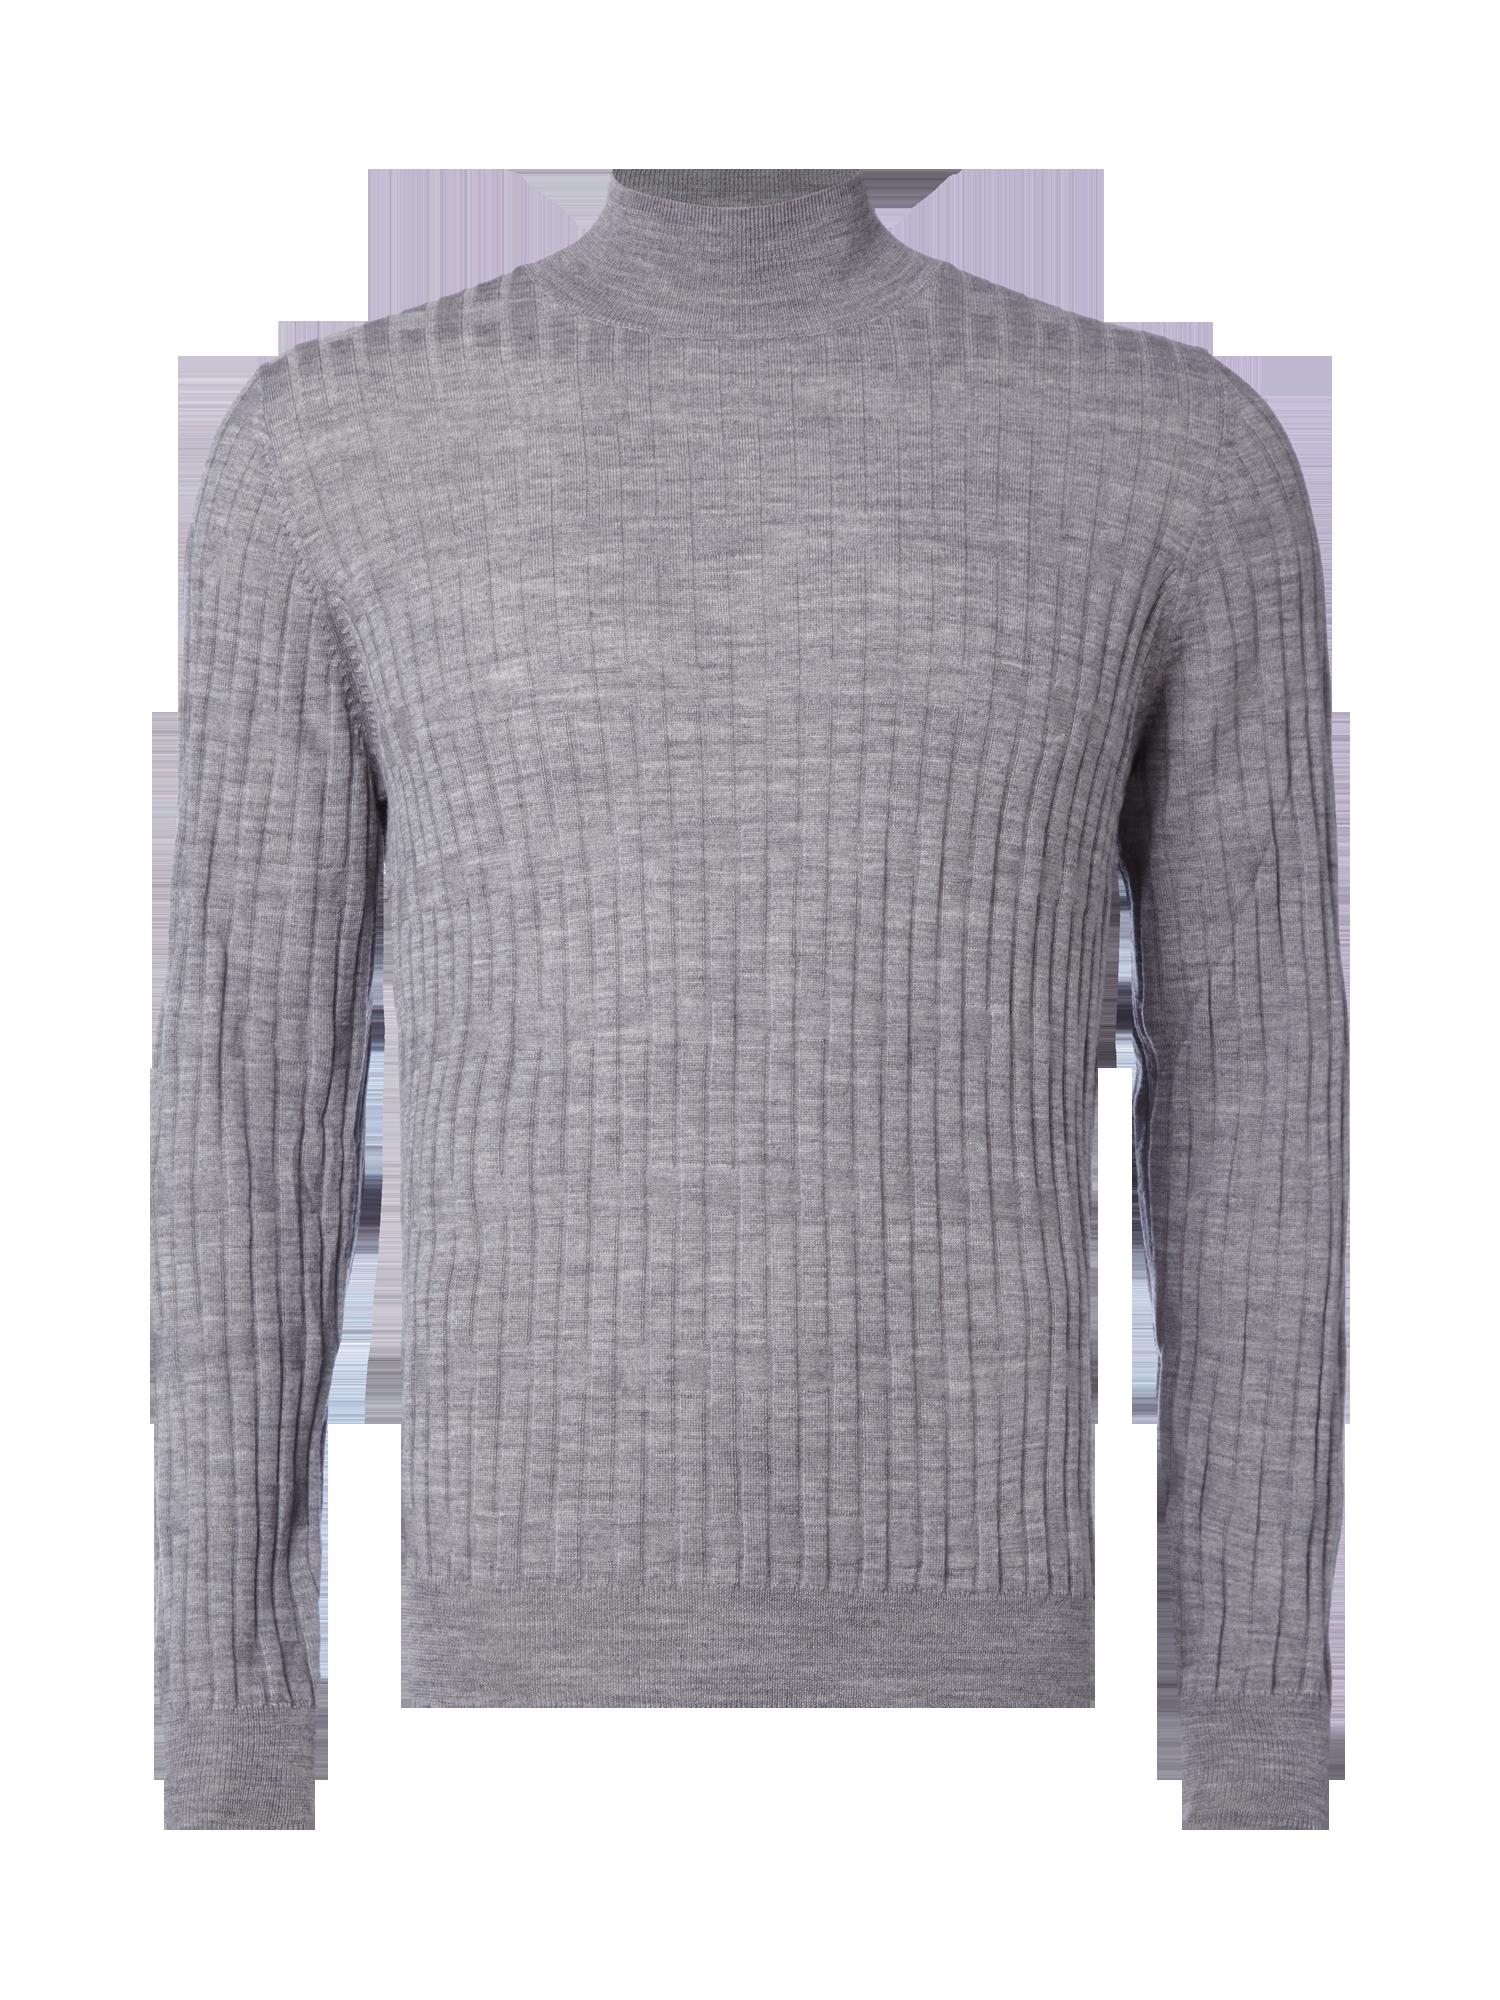 12b7242bdee3 DRYKORN Pullover aus Rippenstrick in Grau / Schwarz online kaufen ...